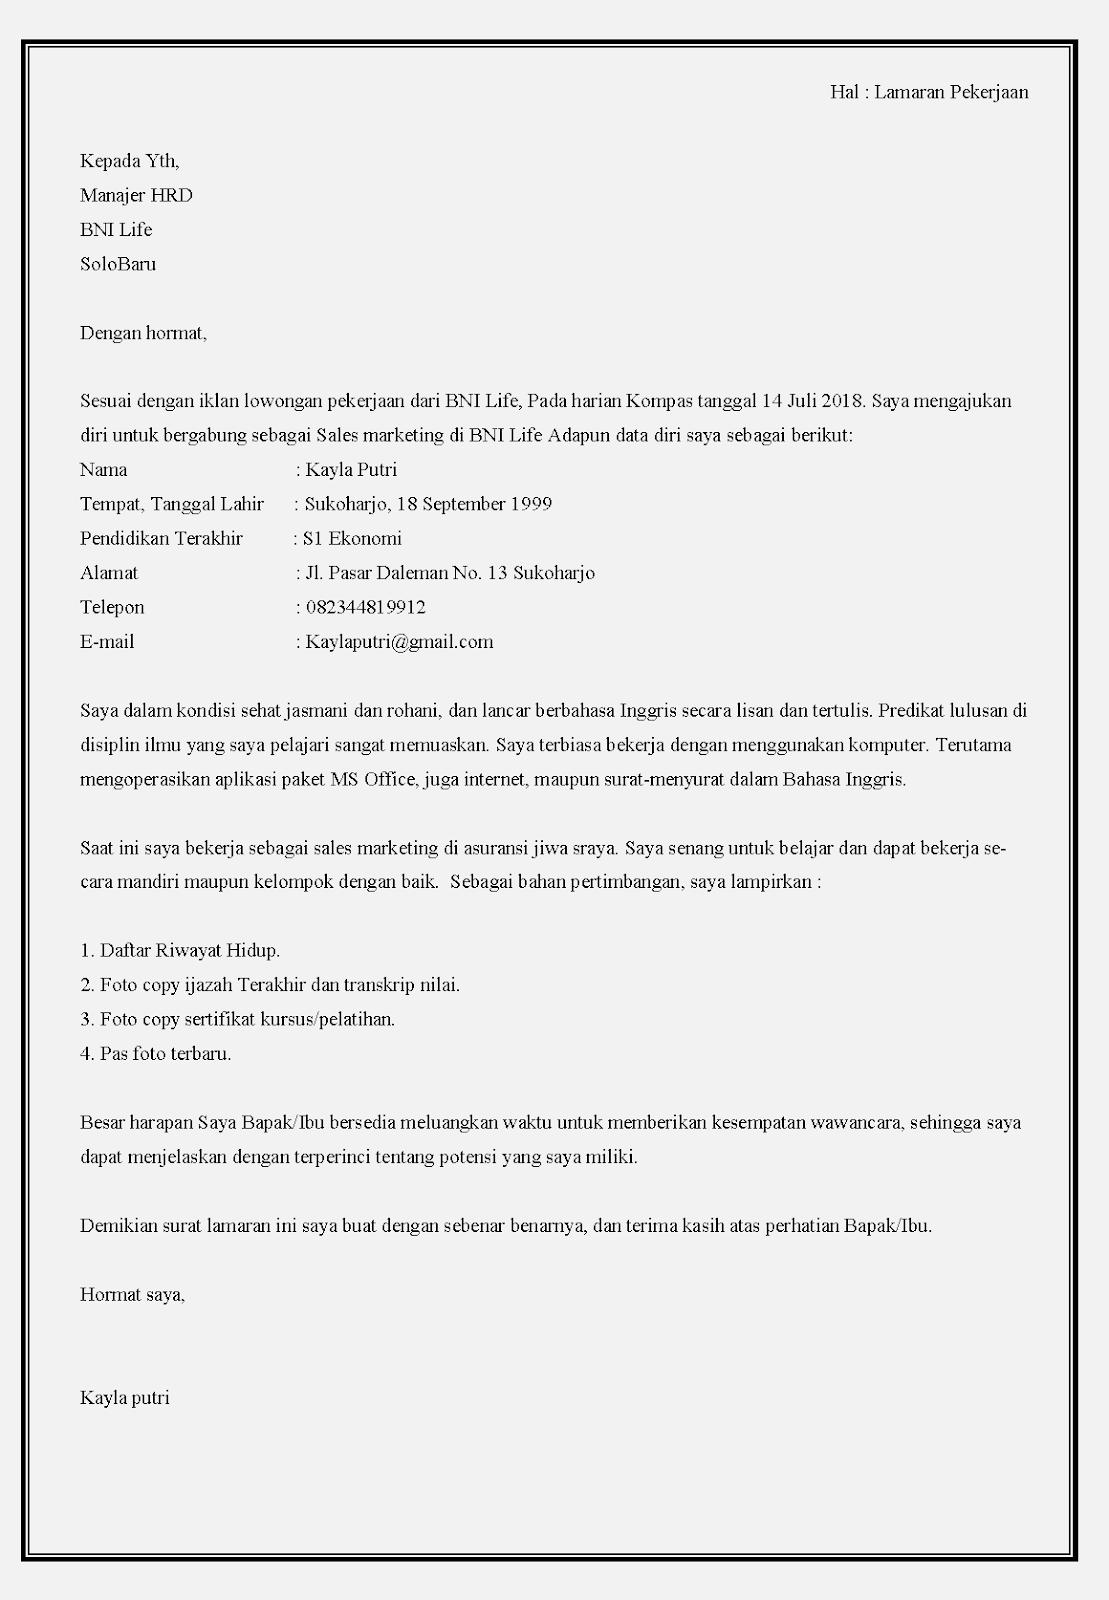 Contoh surat lamaran kerja di bank bni life